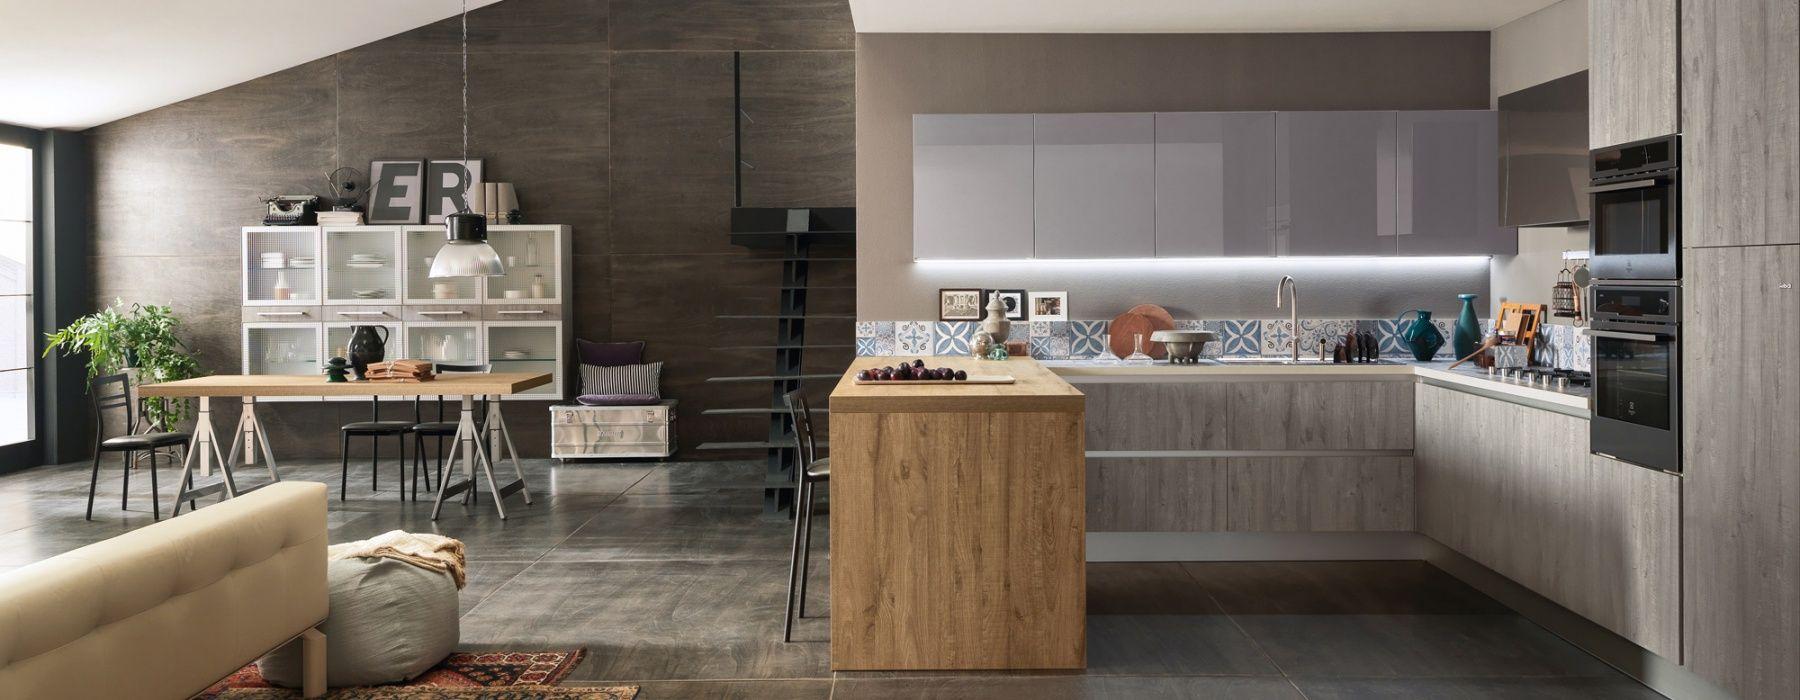 Vendita cucine Febal: acquista arredo cucine Innovazione Sand ...